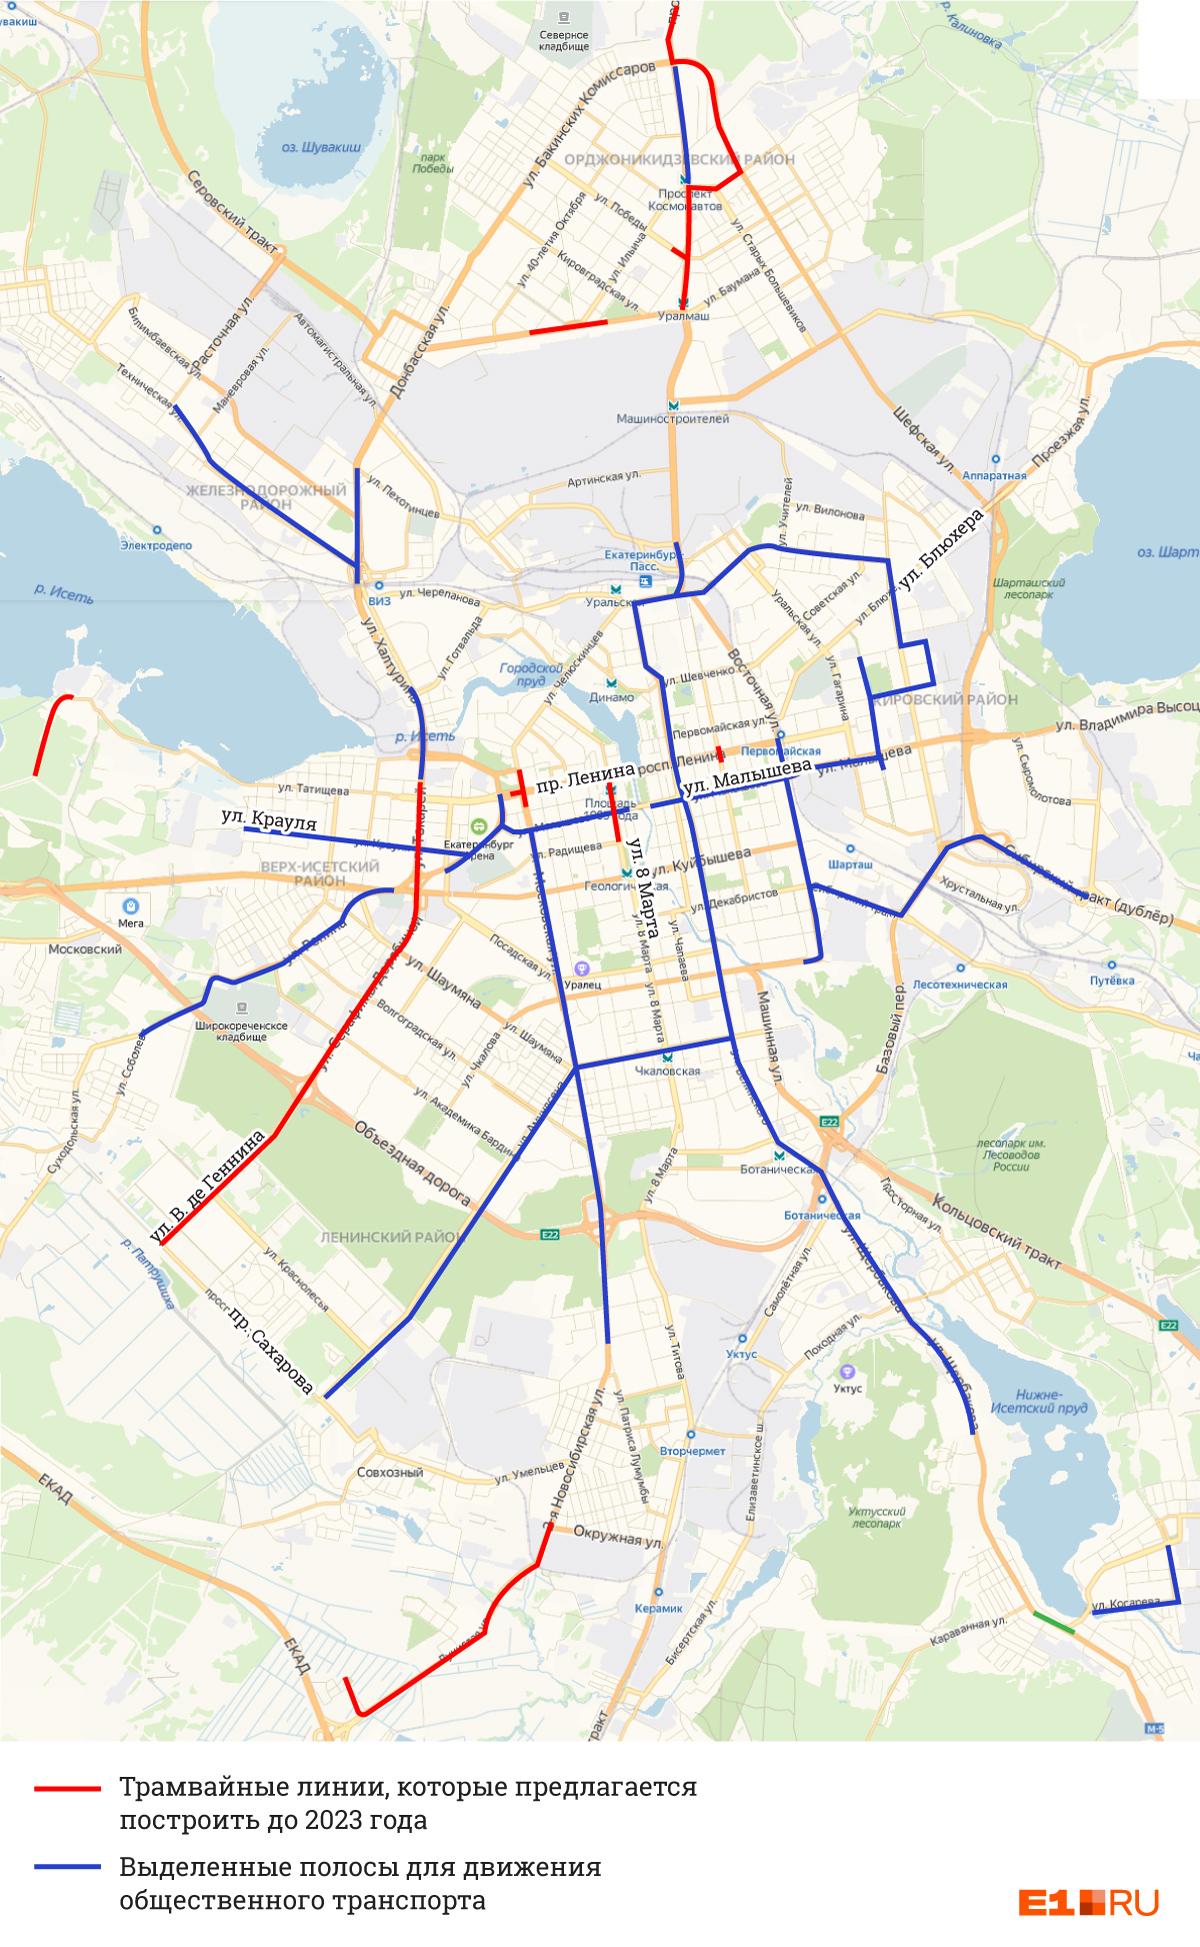 Посмотрите, совпадают ли ваши маршруты с картой выделенных полос